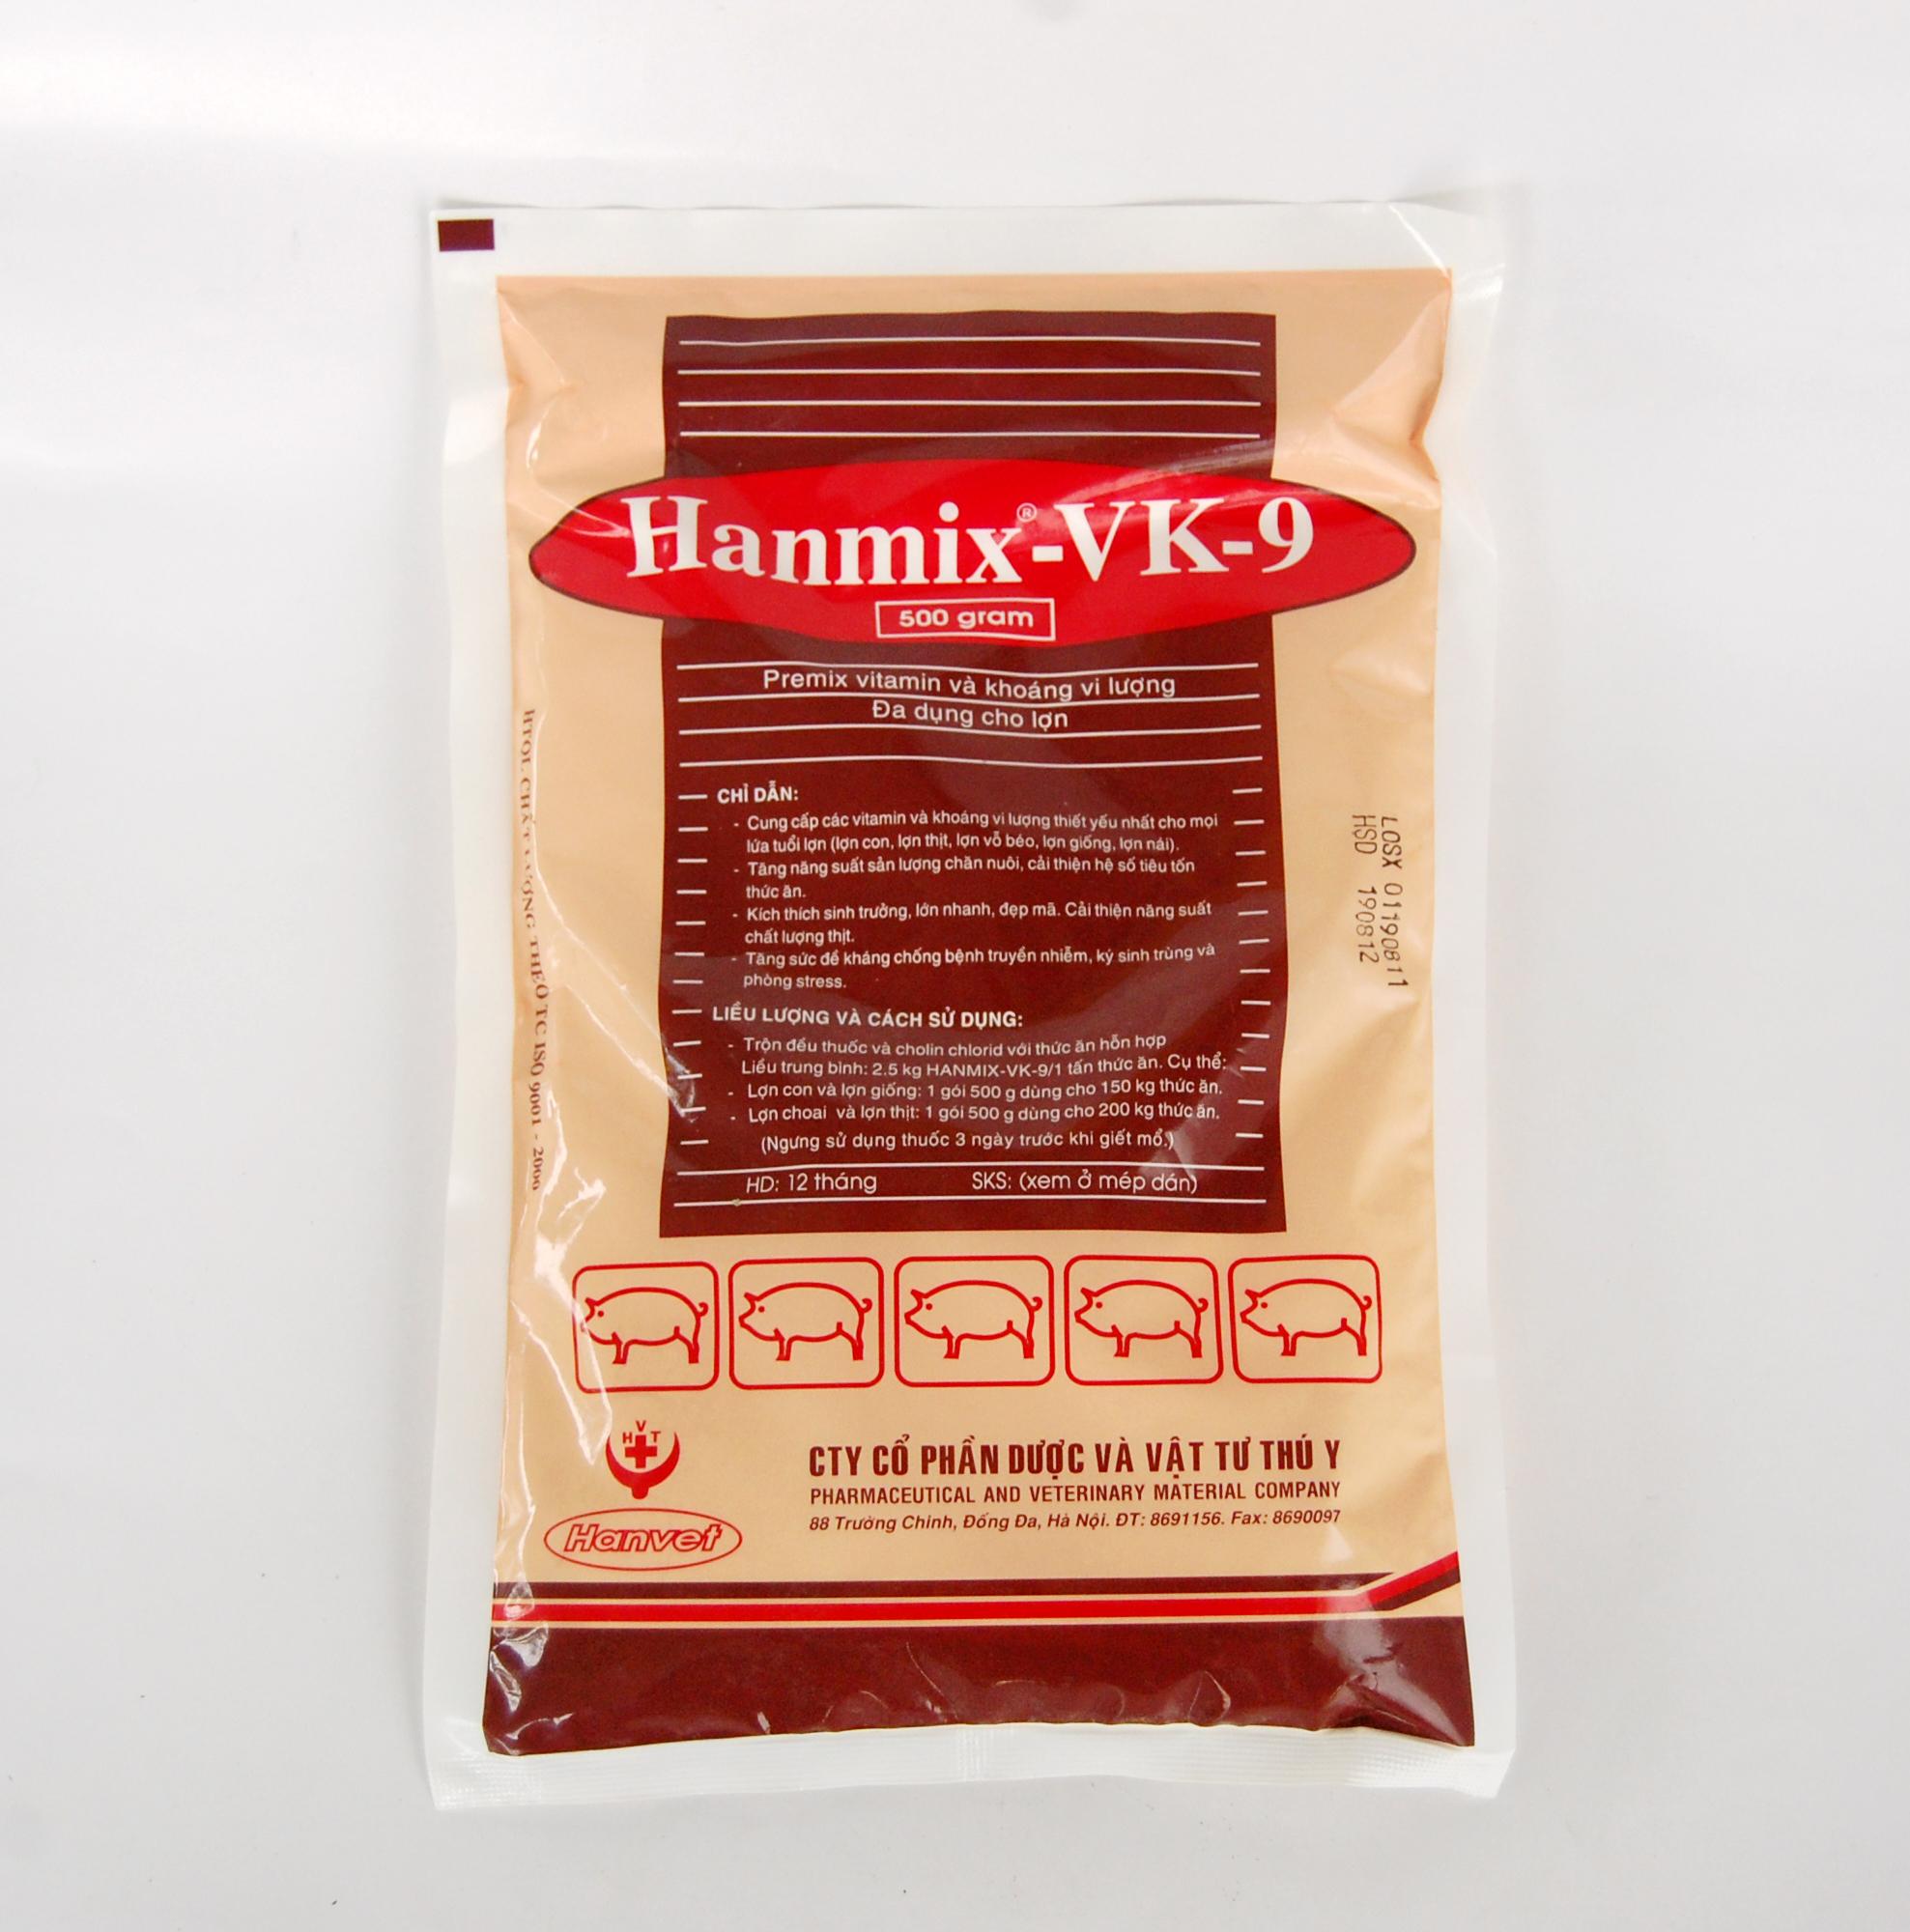 Hanmix-VK-9